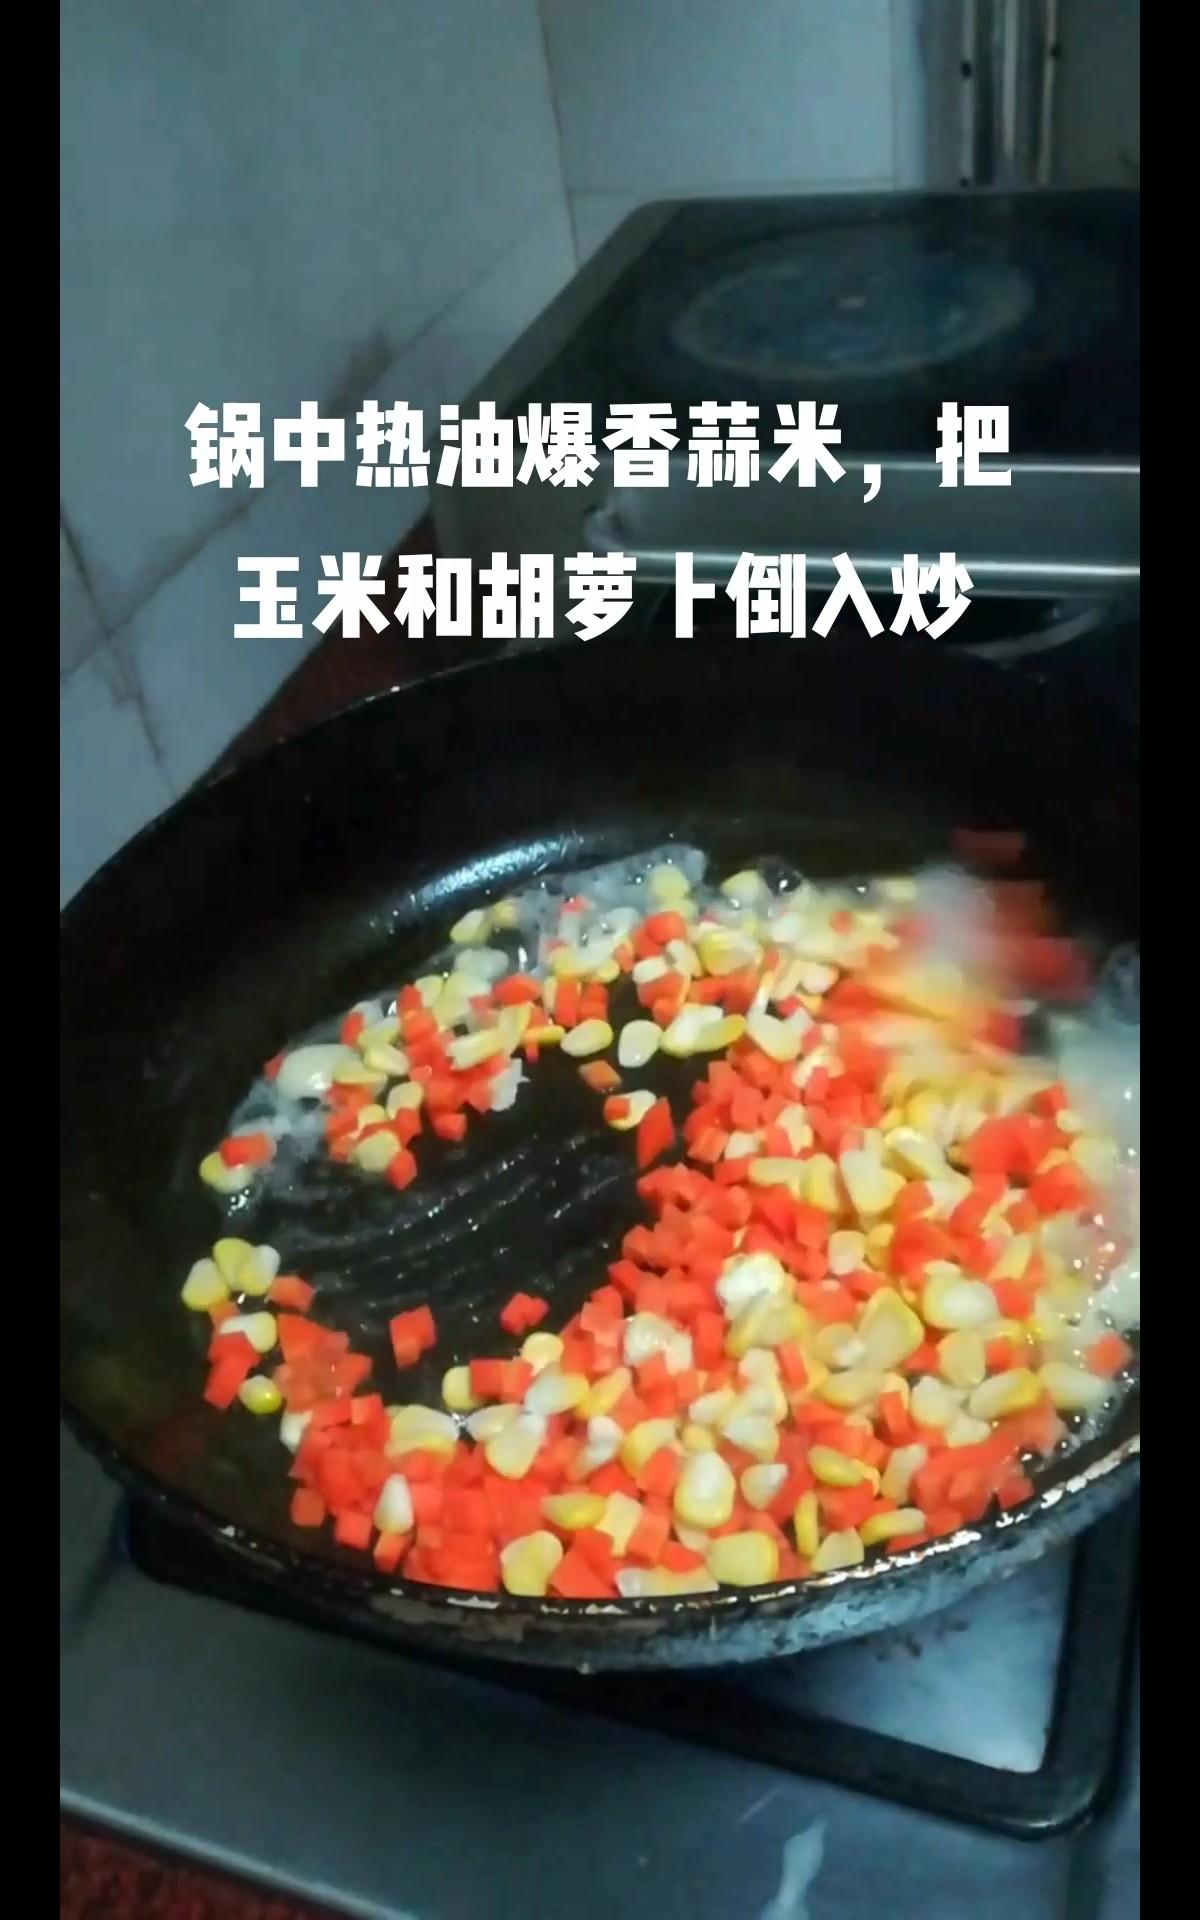 玉米蛋炒饭的简单做法